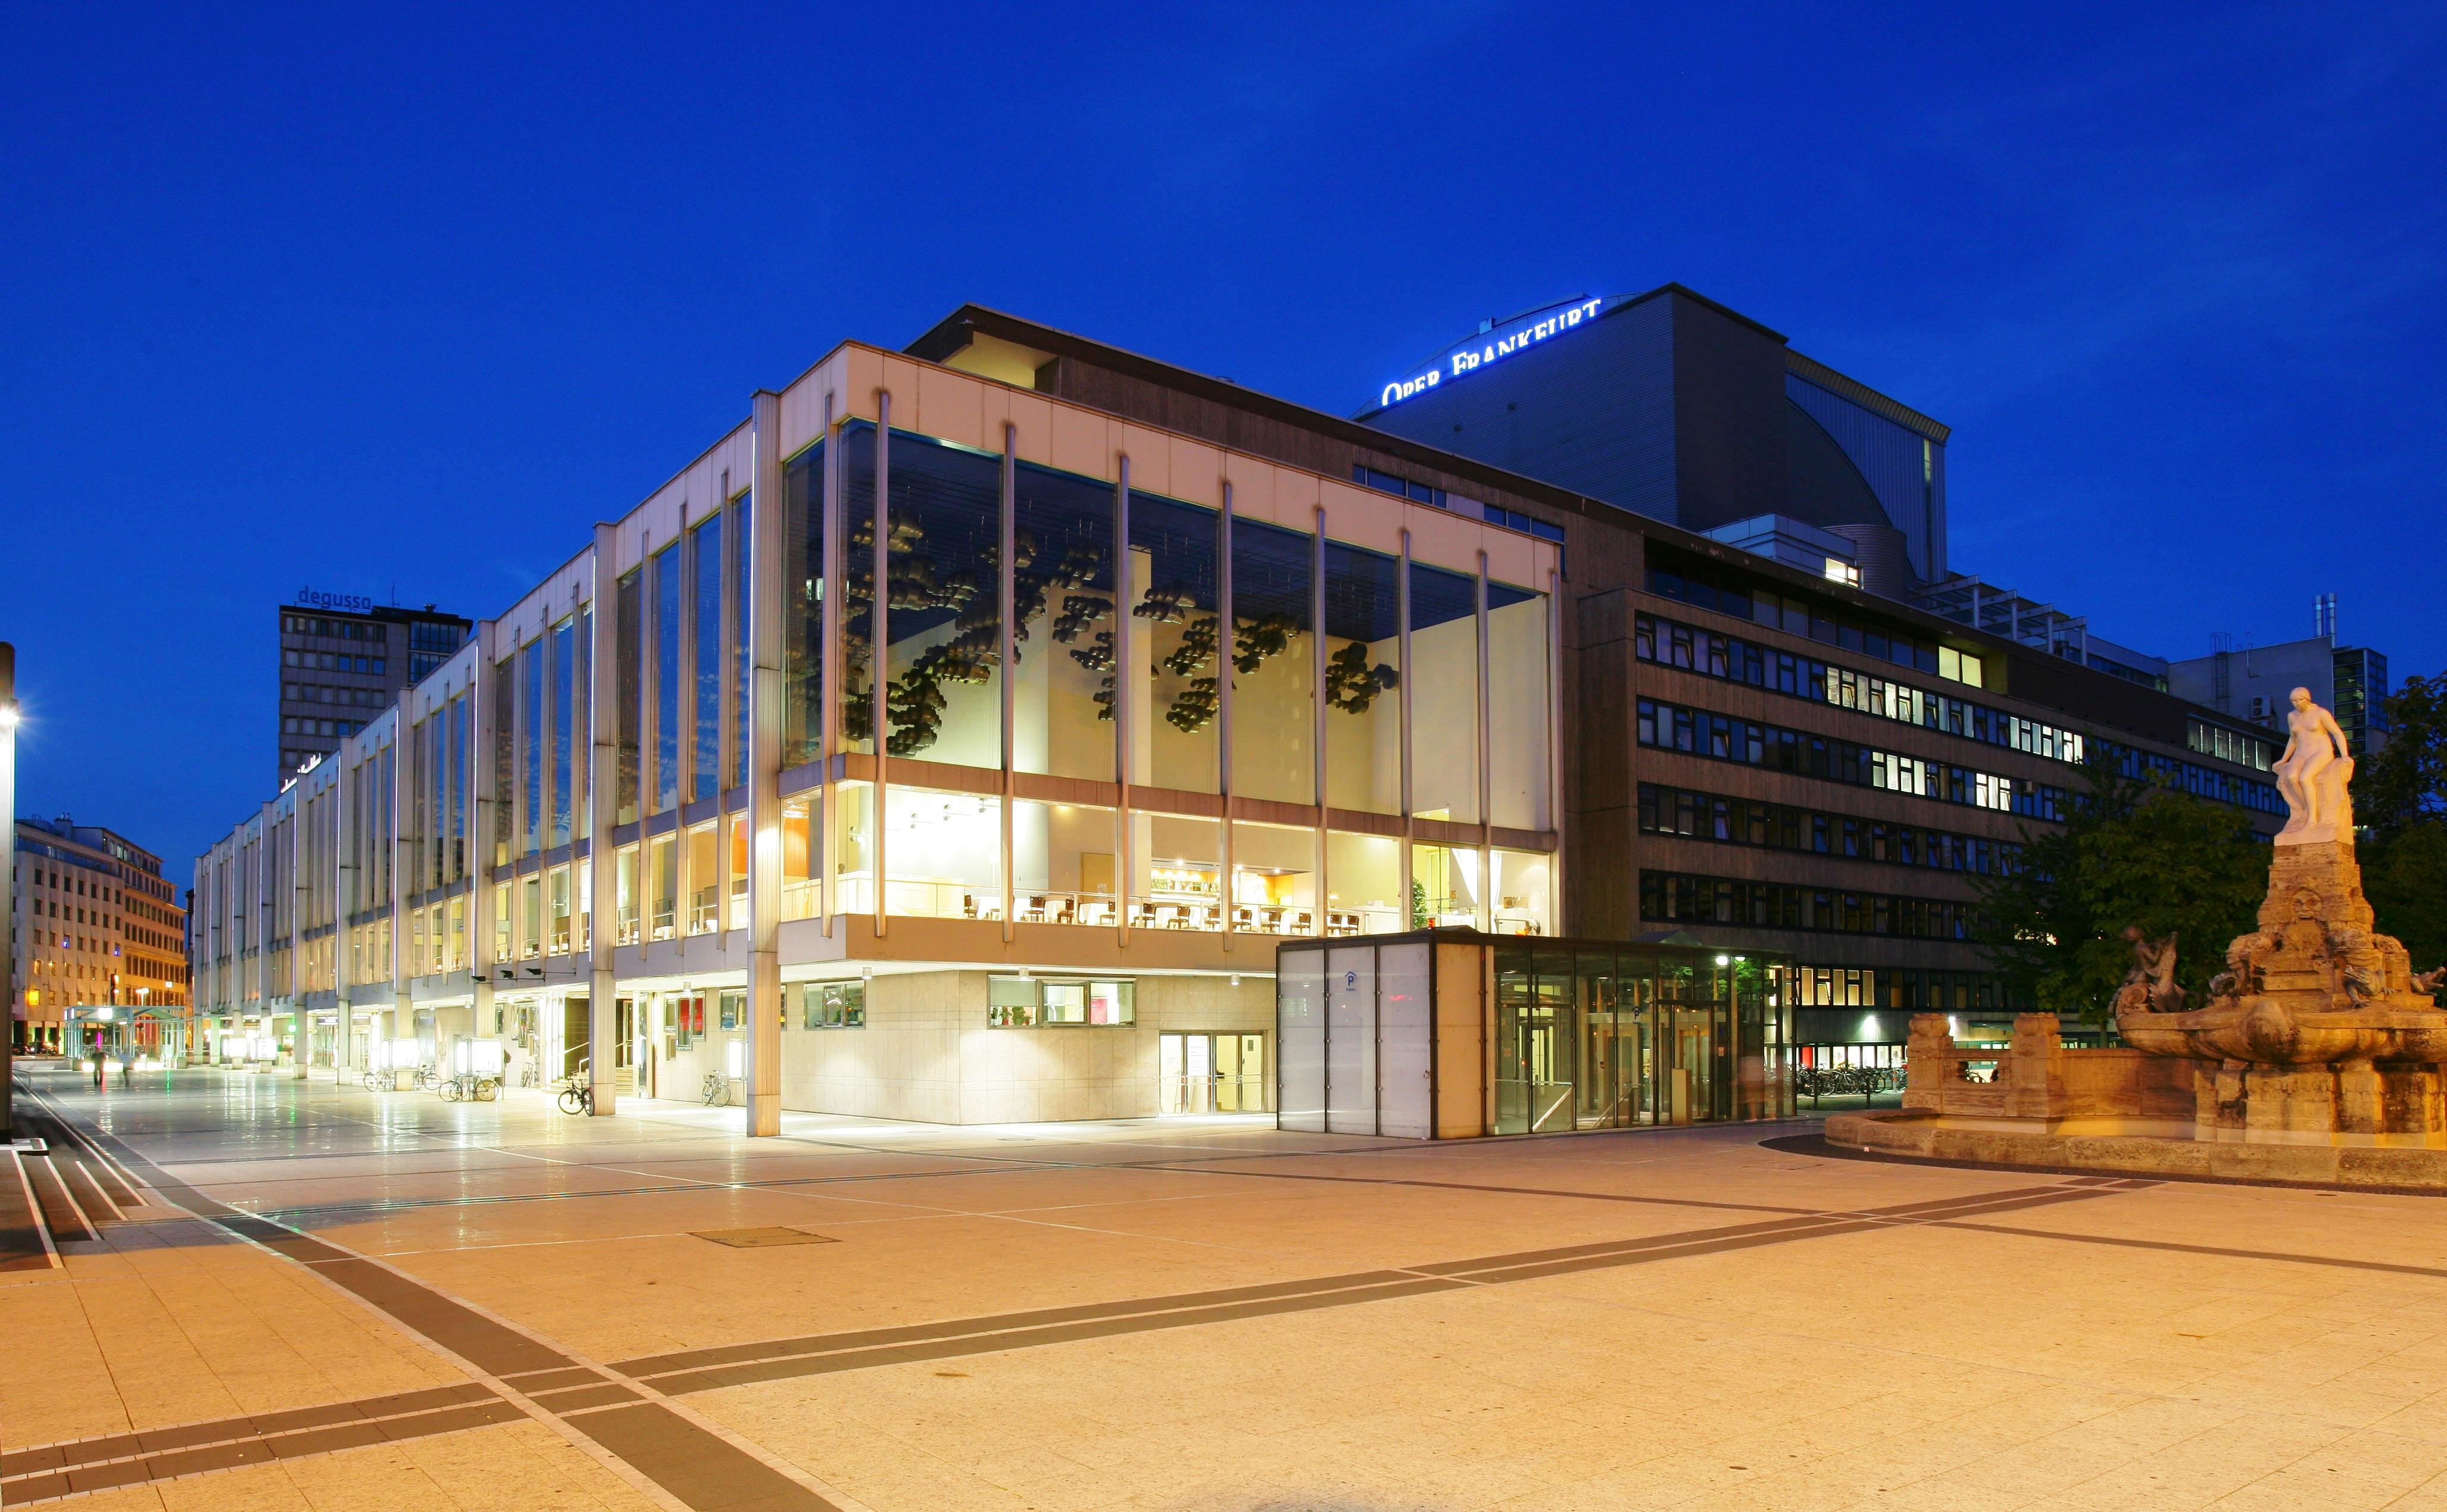 Oper-Frankfurt_Au%c3%9fenansicht_(c)Wolfgang-Runkel.jpg